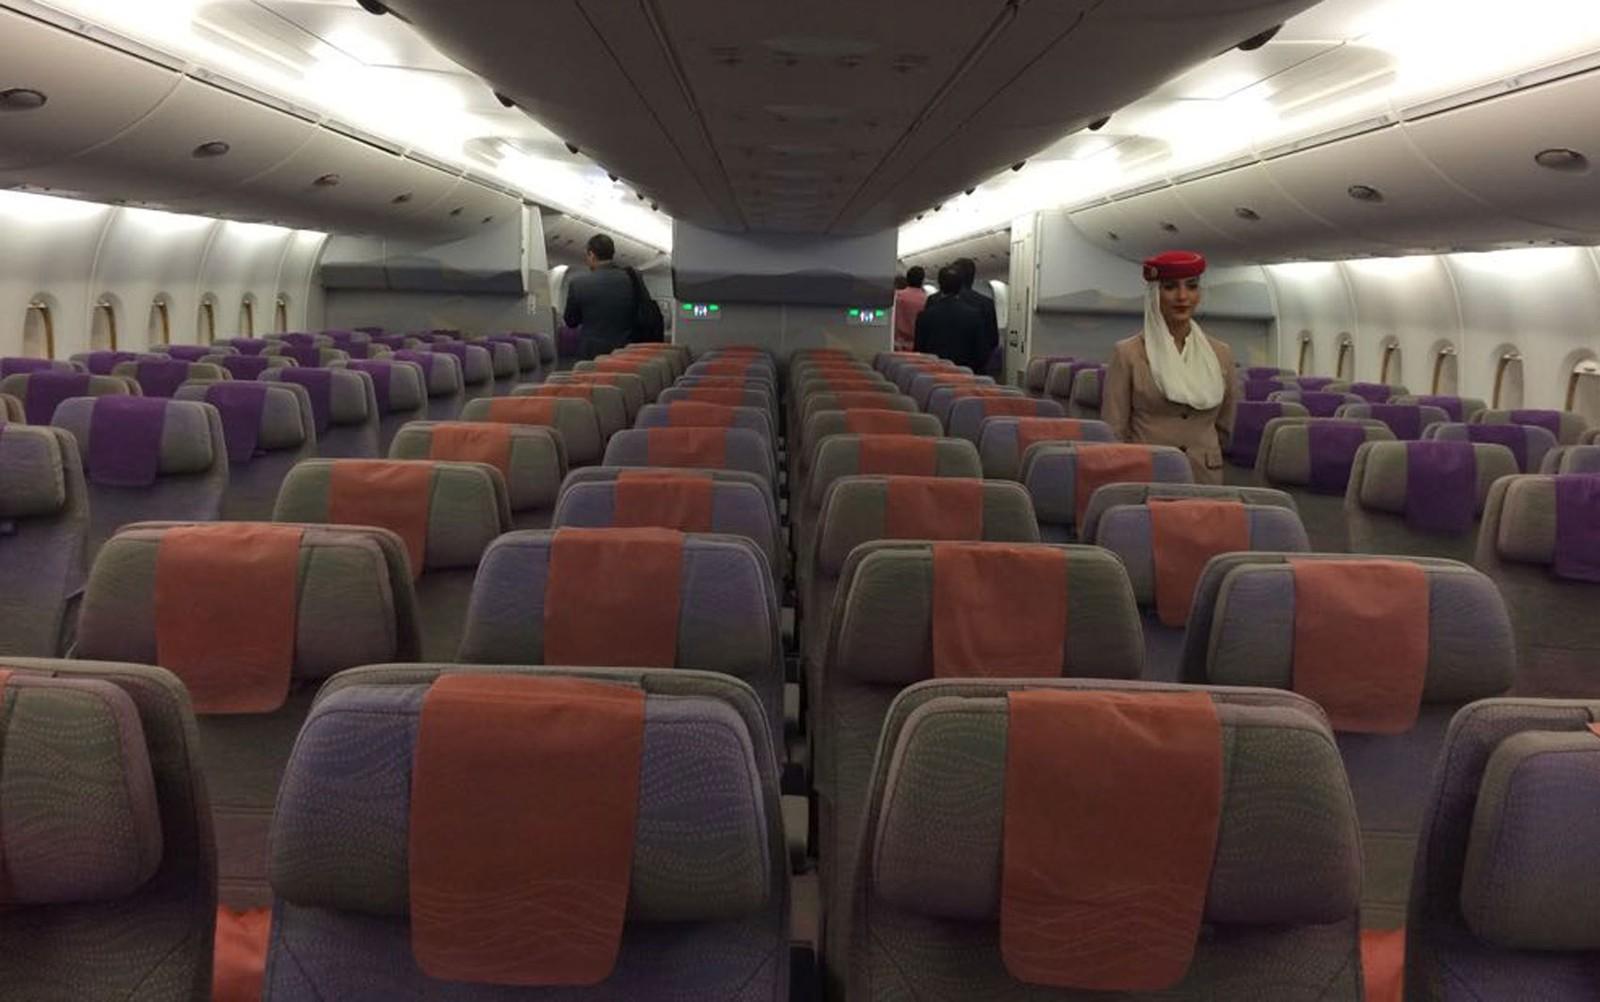 [Brasil] A380, maior avião comercial do mundo, aterrissa em Guarulhos e recebe 'batismo'; veja vídeo Av02